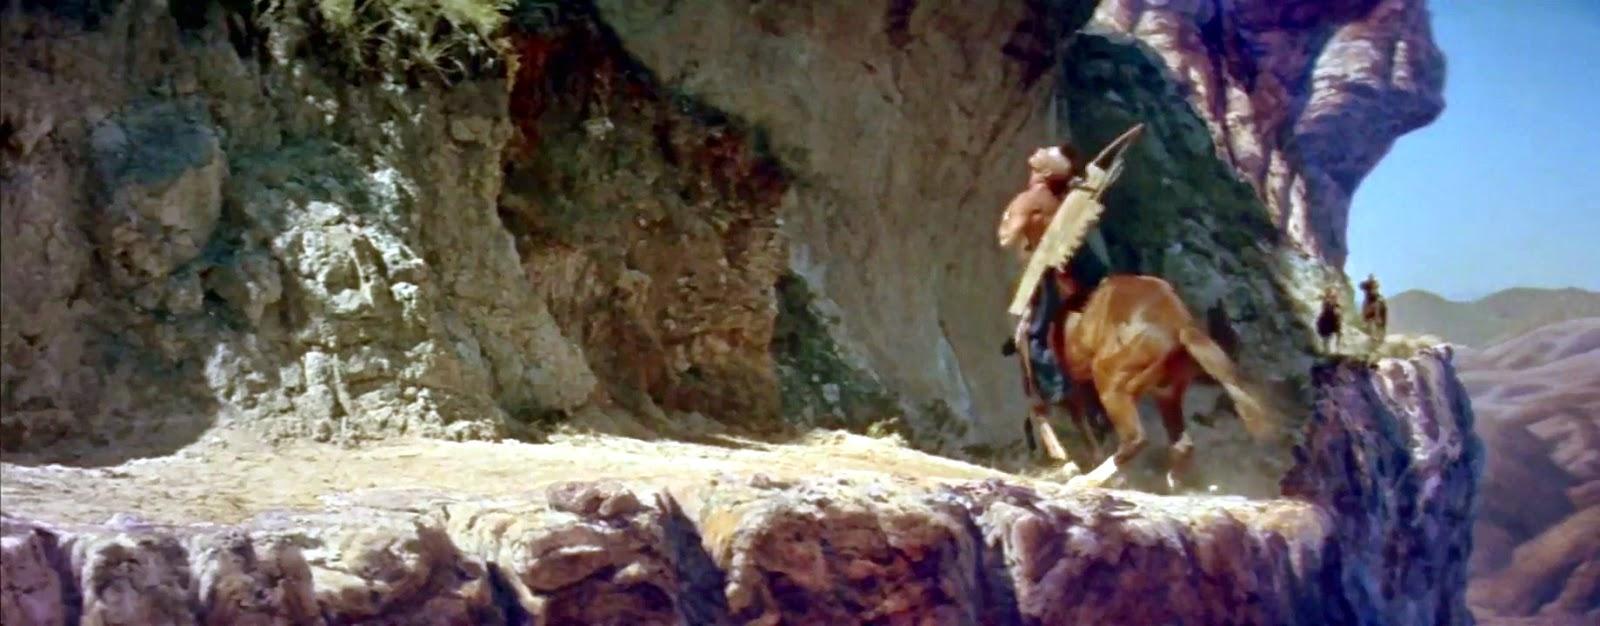 Cinemelodic cr tica el jard n del diablo 1954 for El jardin del diablo gary cooper